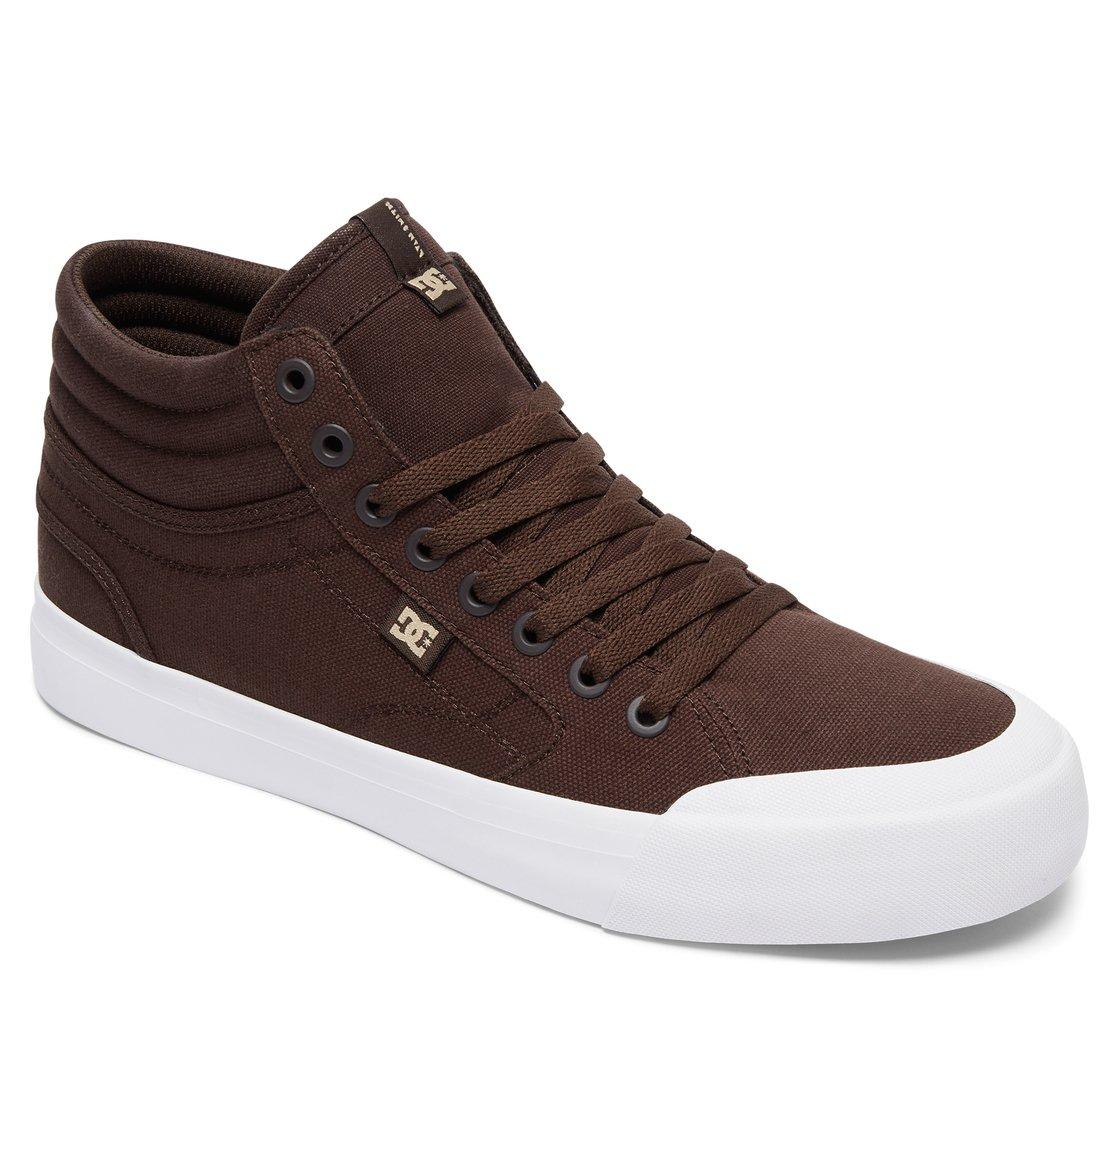 DC Shoes Evan Smith TX Se - Shoes - Zapatillas - Hombre - EU 40.5 pQOb8g9O